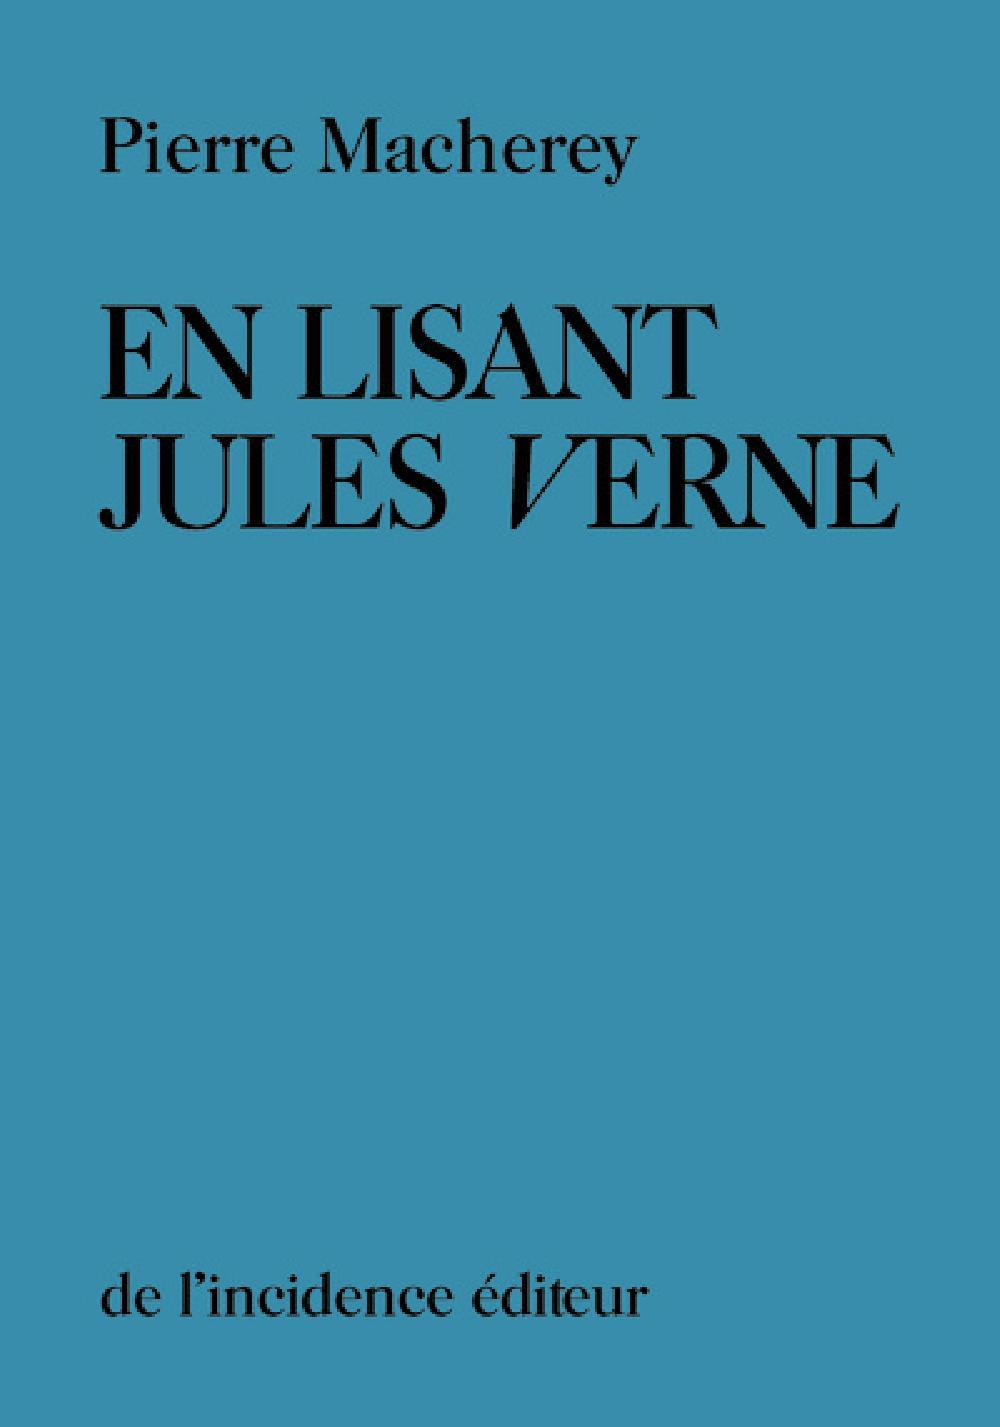 En lisant Jules Verne